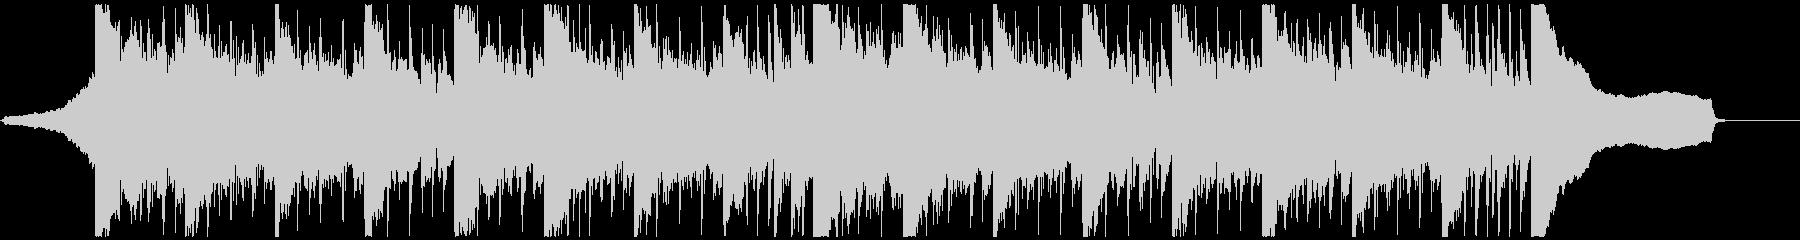 シンセ・リフの短いBGMの未再生の波形